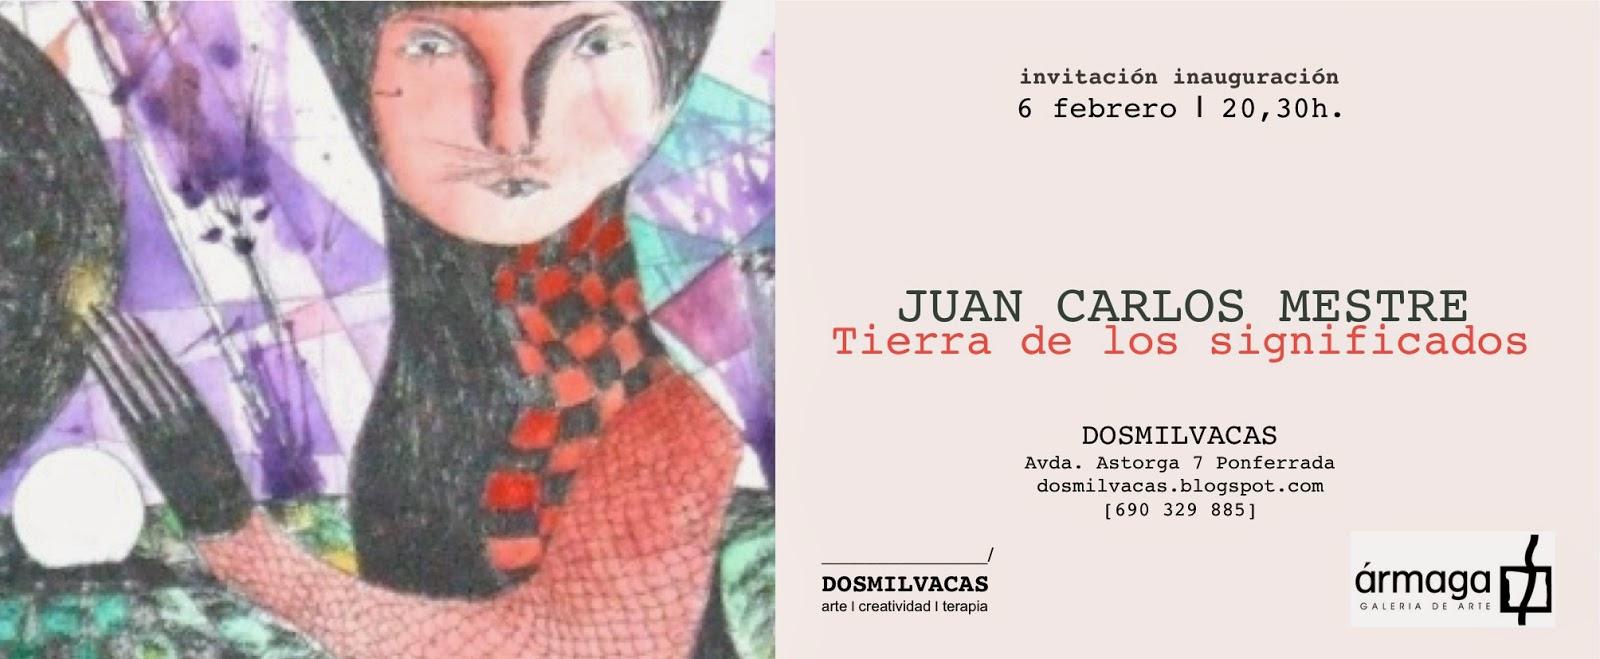 Invitación inauguración de la exposición Juan Carlos Mestre, Tierra de los Sentidos